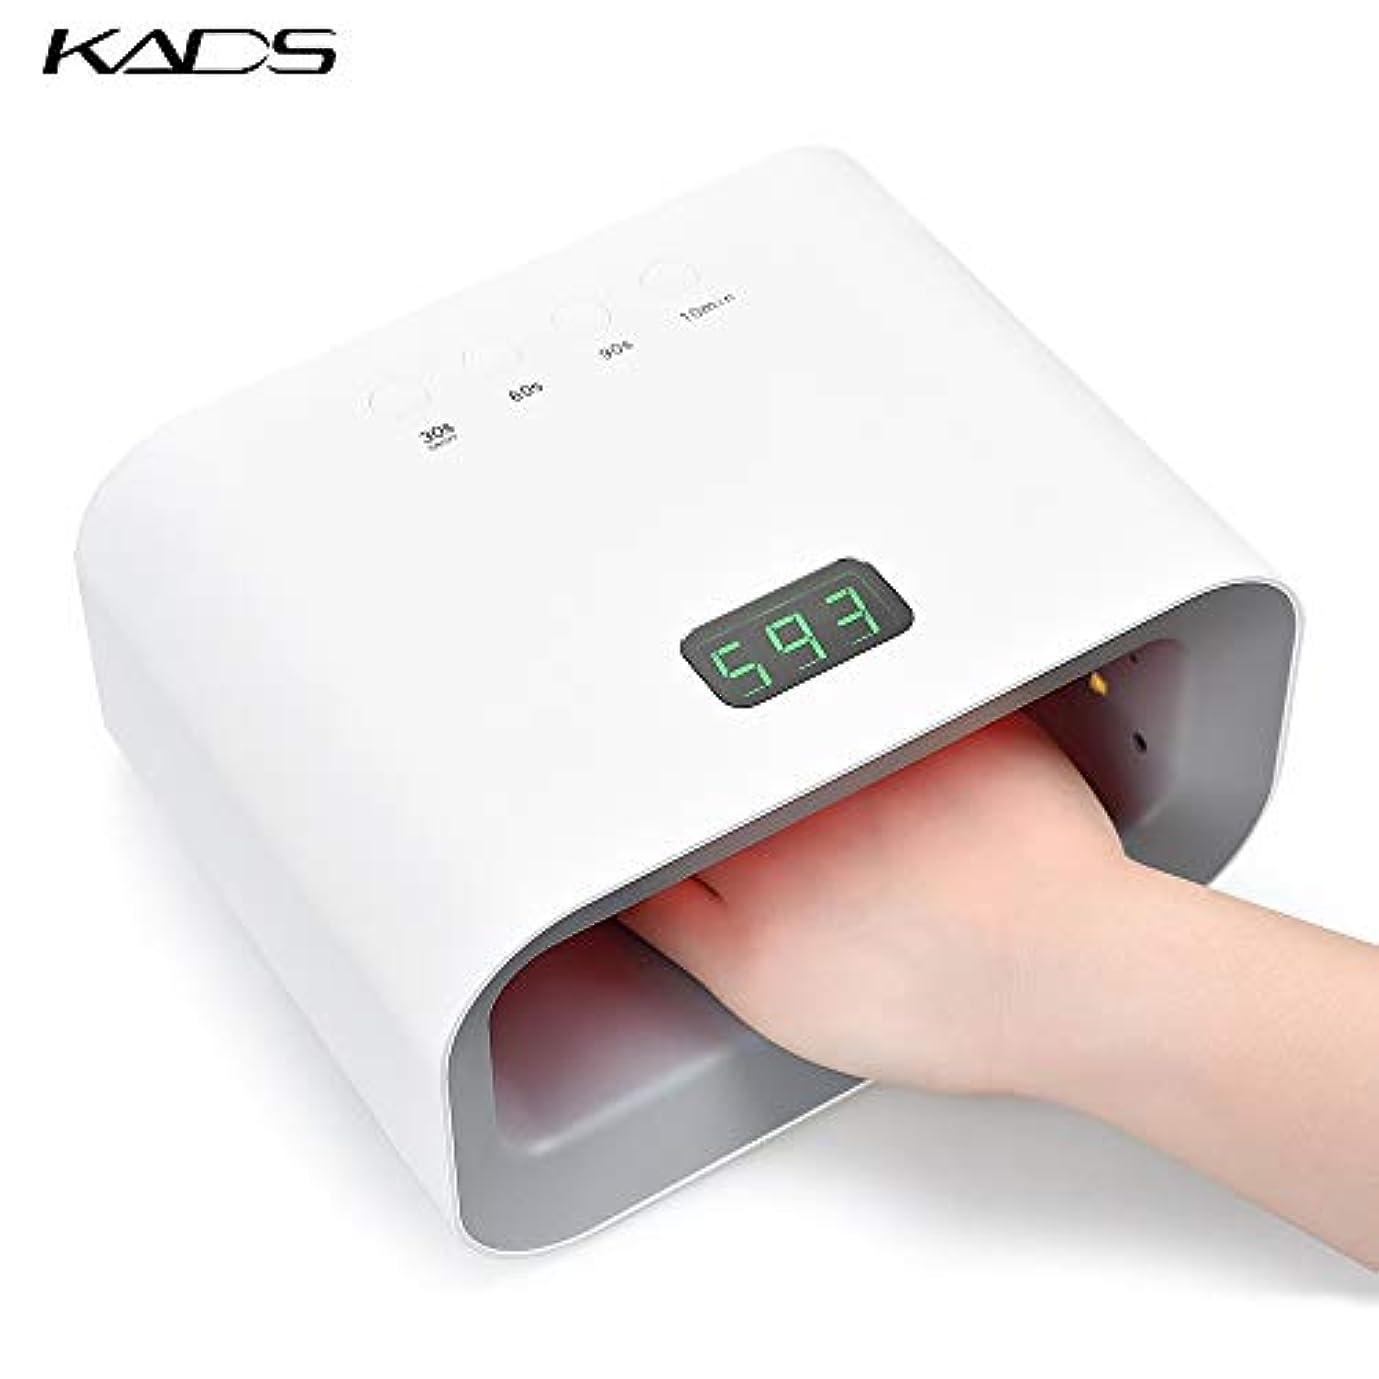 適応する感覚生きているKADS LEDネイルドライヤー UV/LEDライト 90W 美白機能付き 3段階タイマー設定 高速硬化 硬化用ライト ランプ ジェルネイル用 赤外線検知